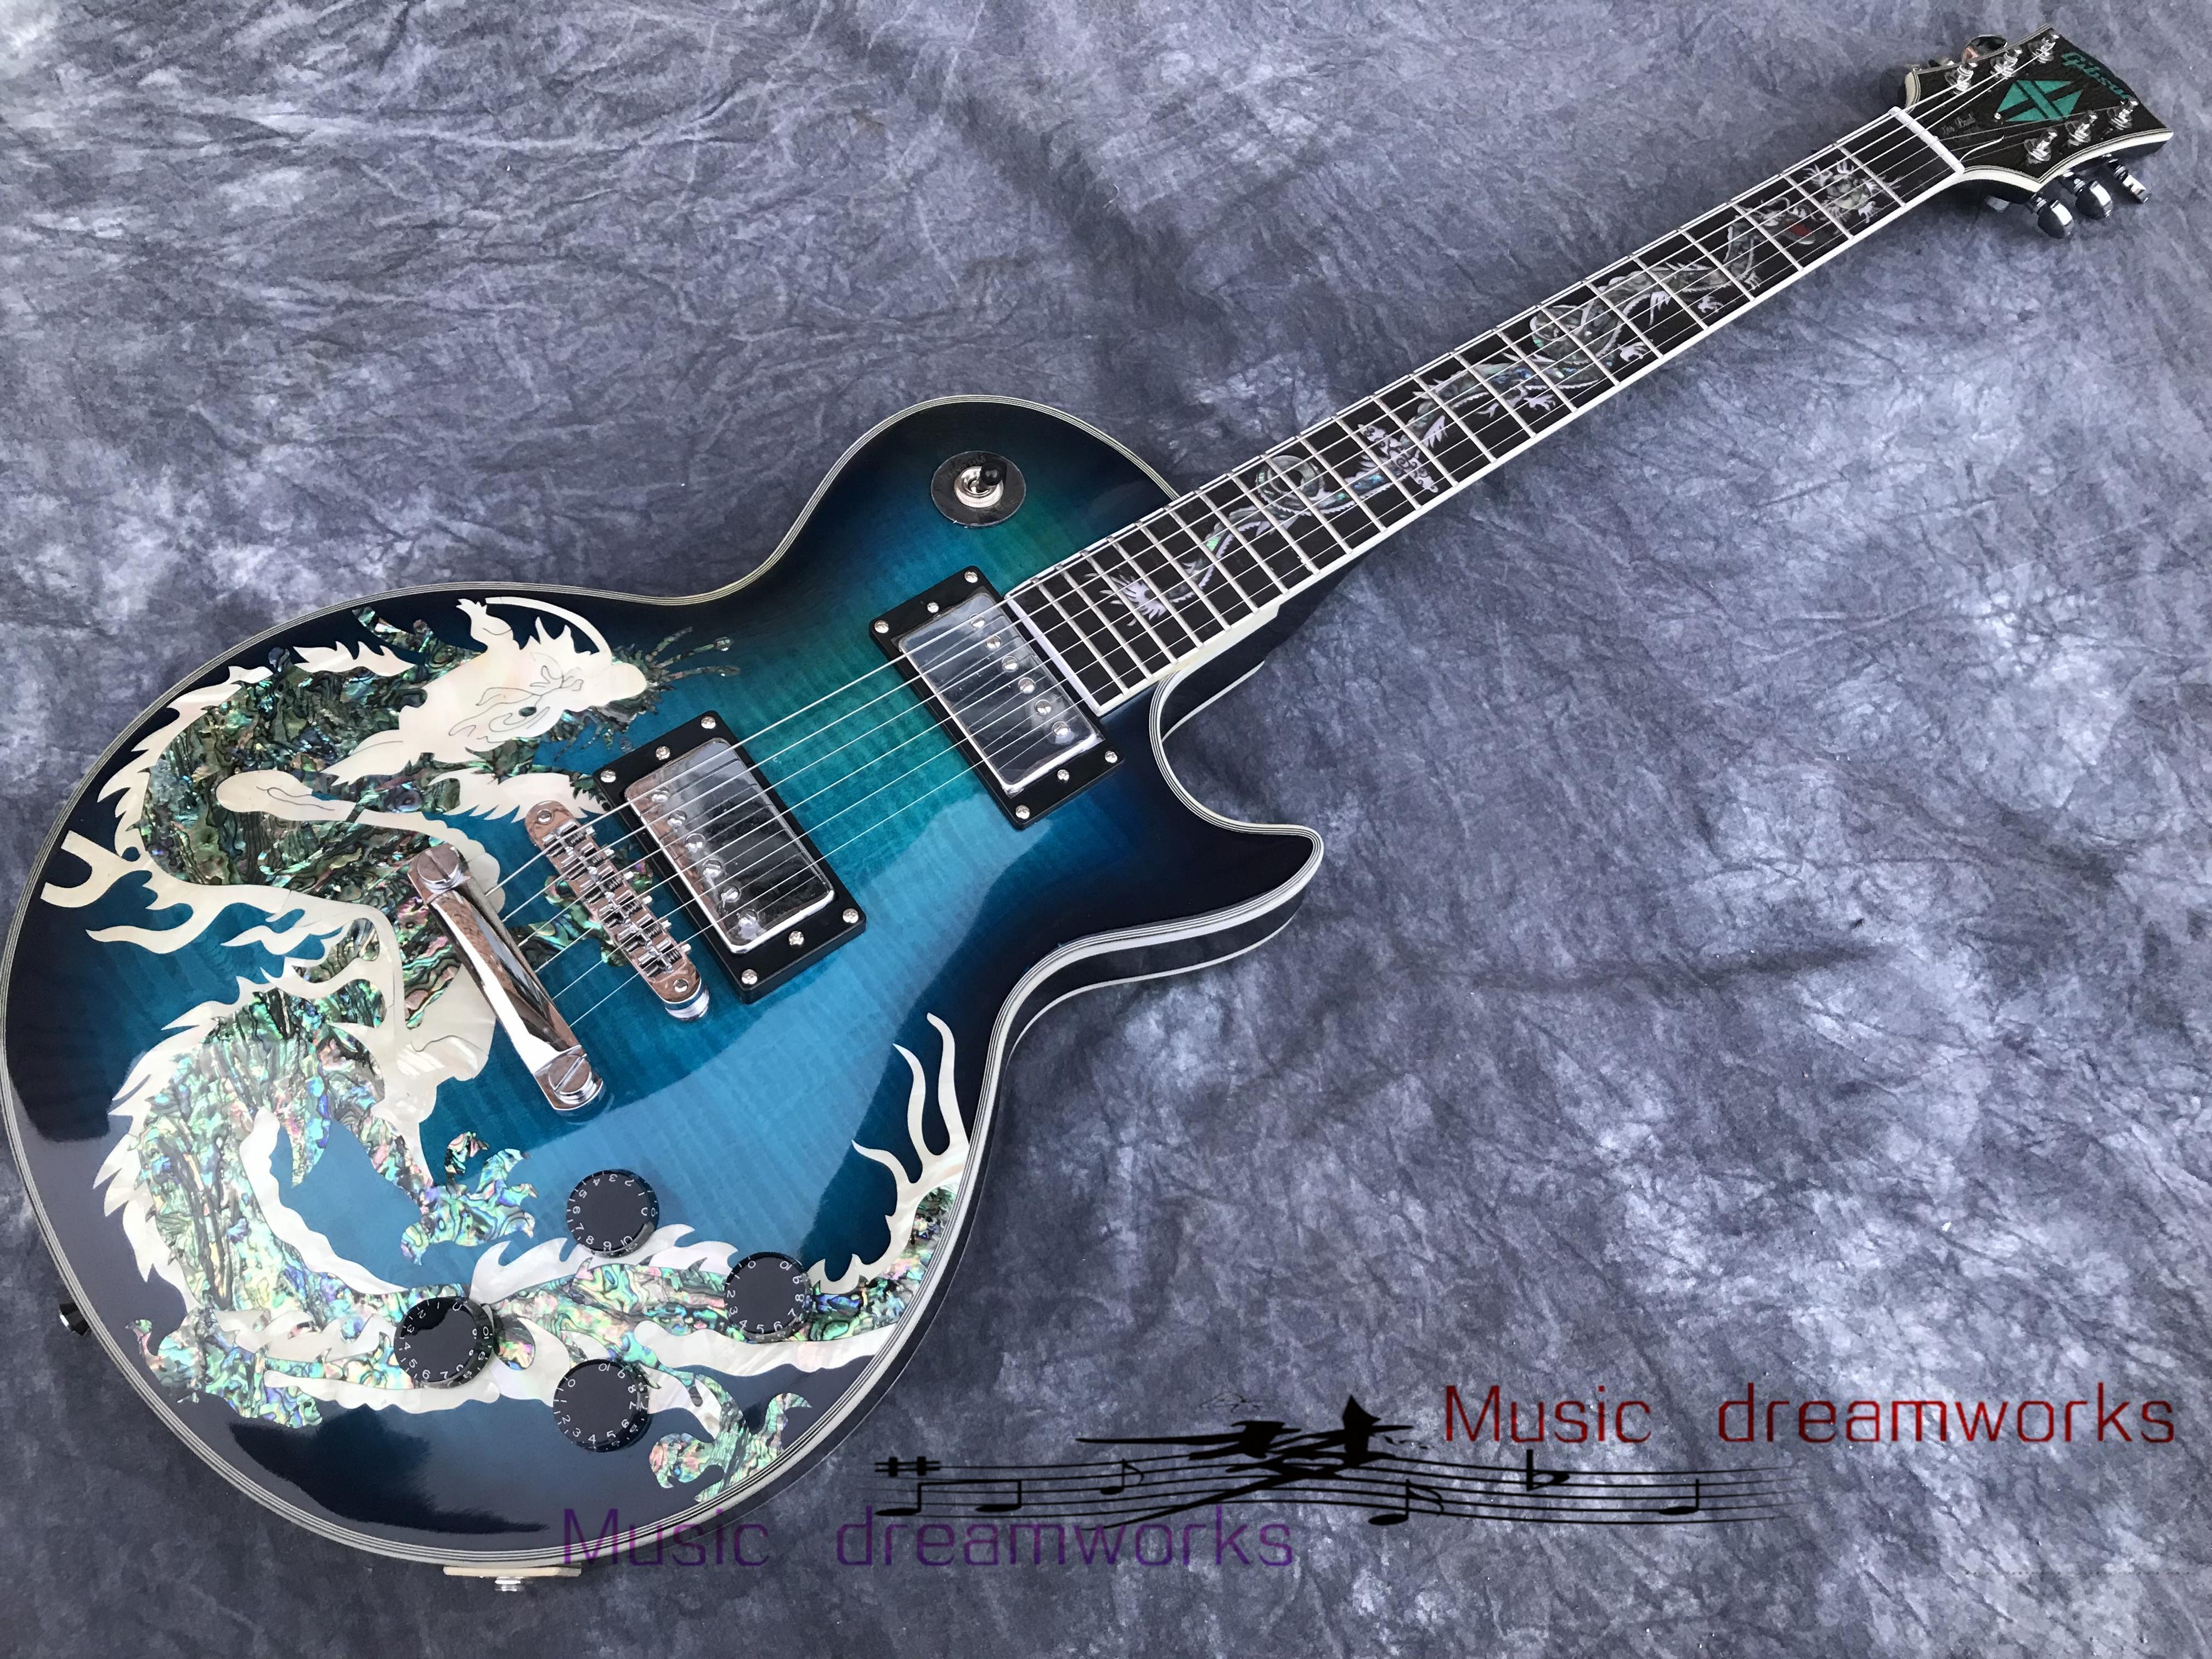 Çin Elektro Gitar OEM MAĞAZASI Elektrik Gitar Vücut Doğal Inci Kabukları Ejderha Dökme Gülağacı Klavye Dragon Dökme